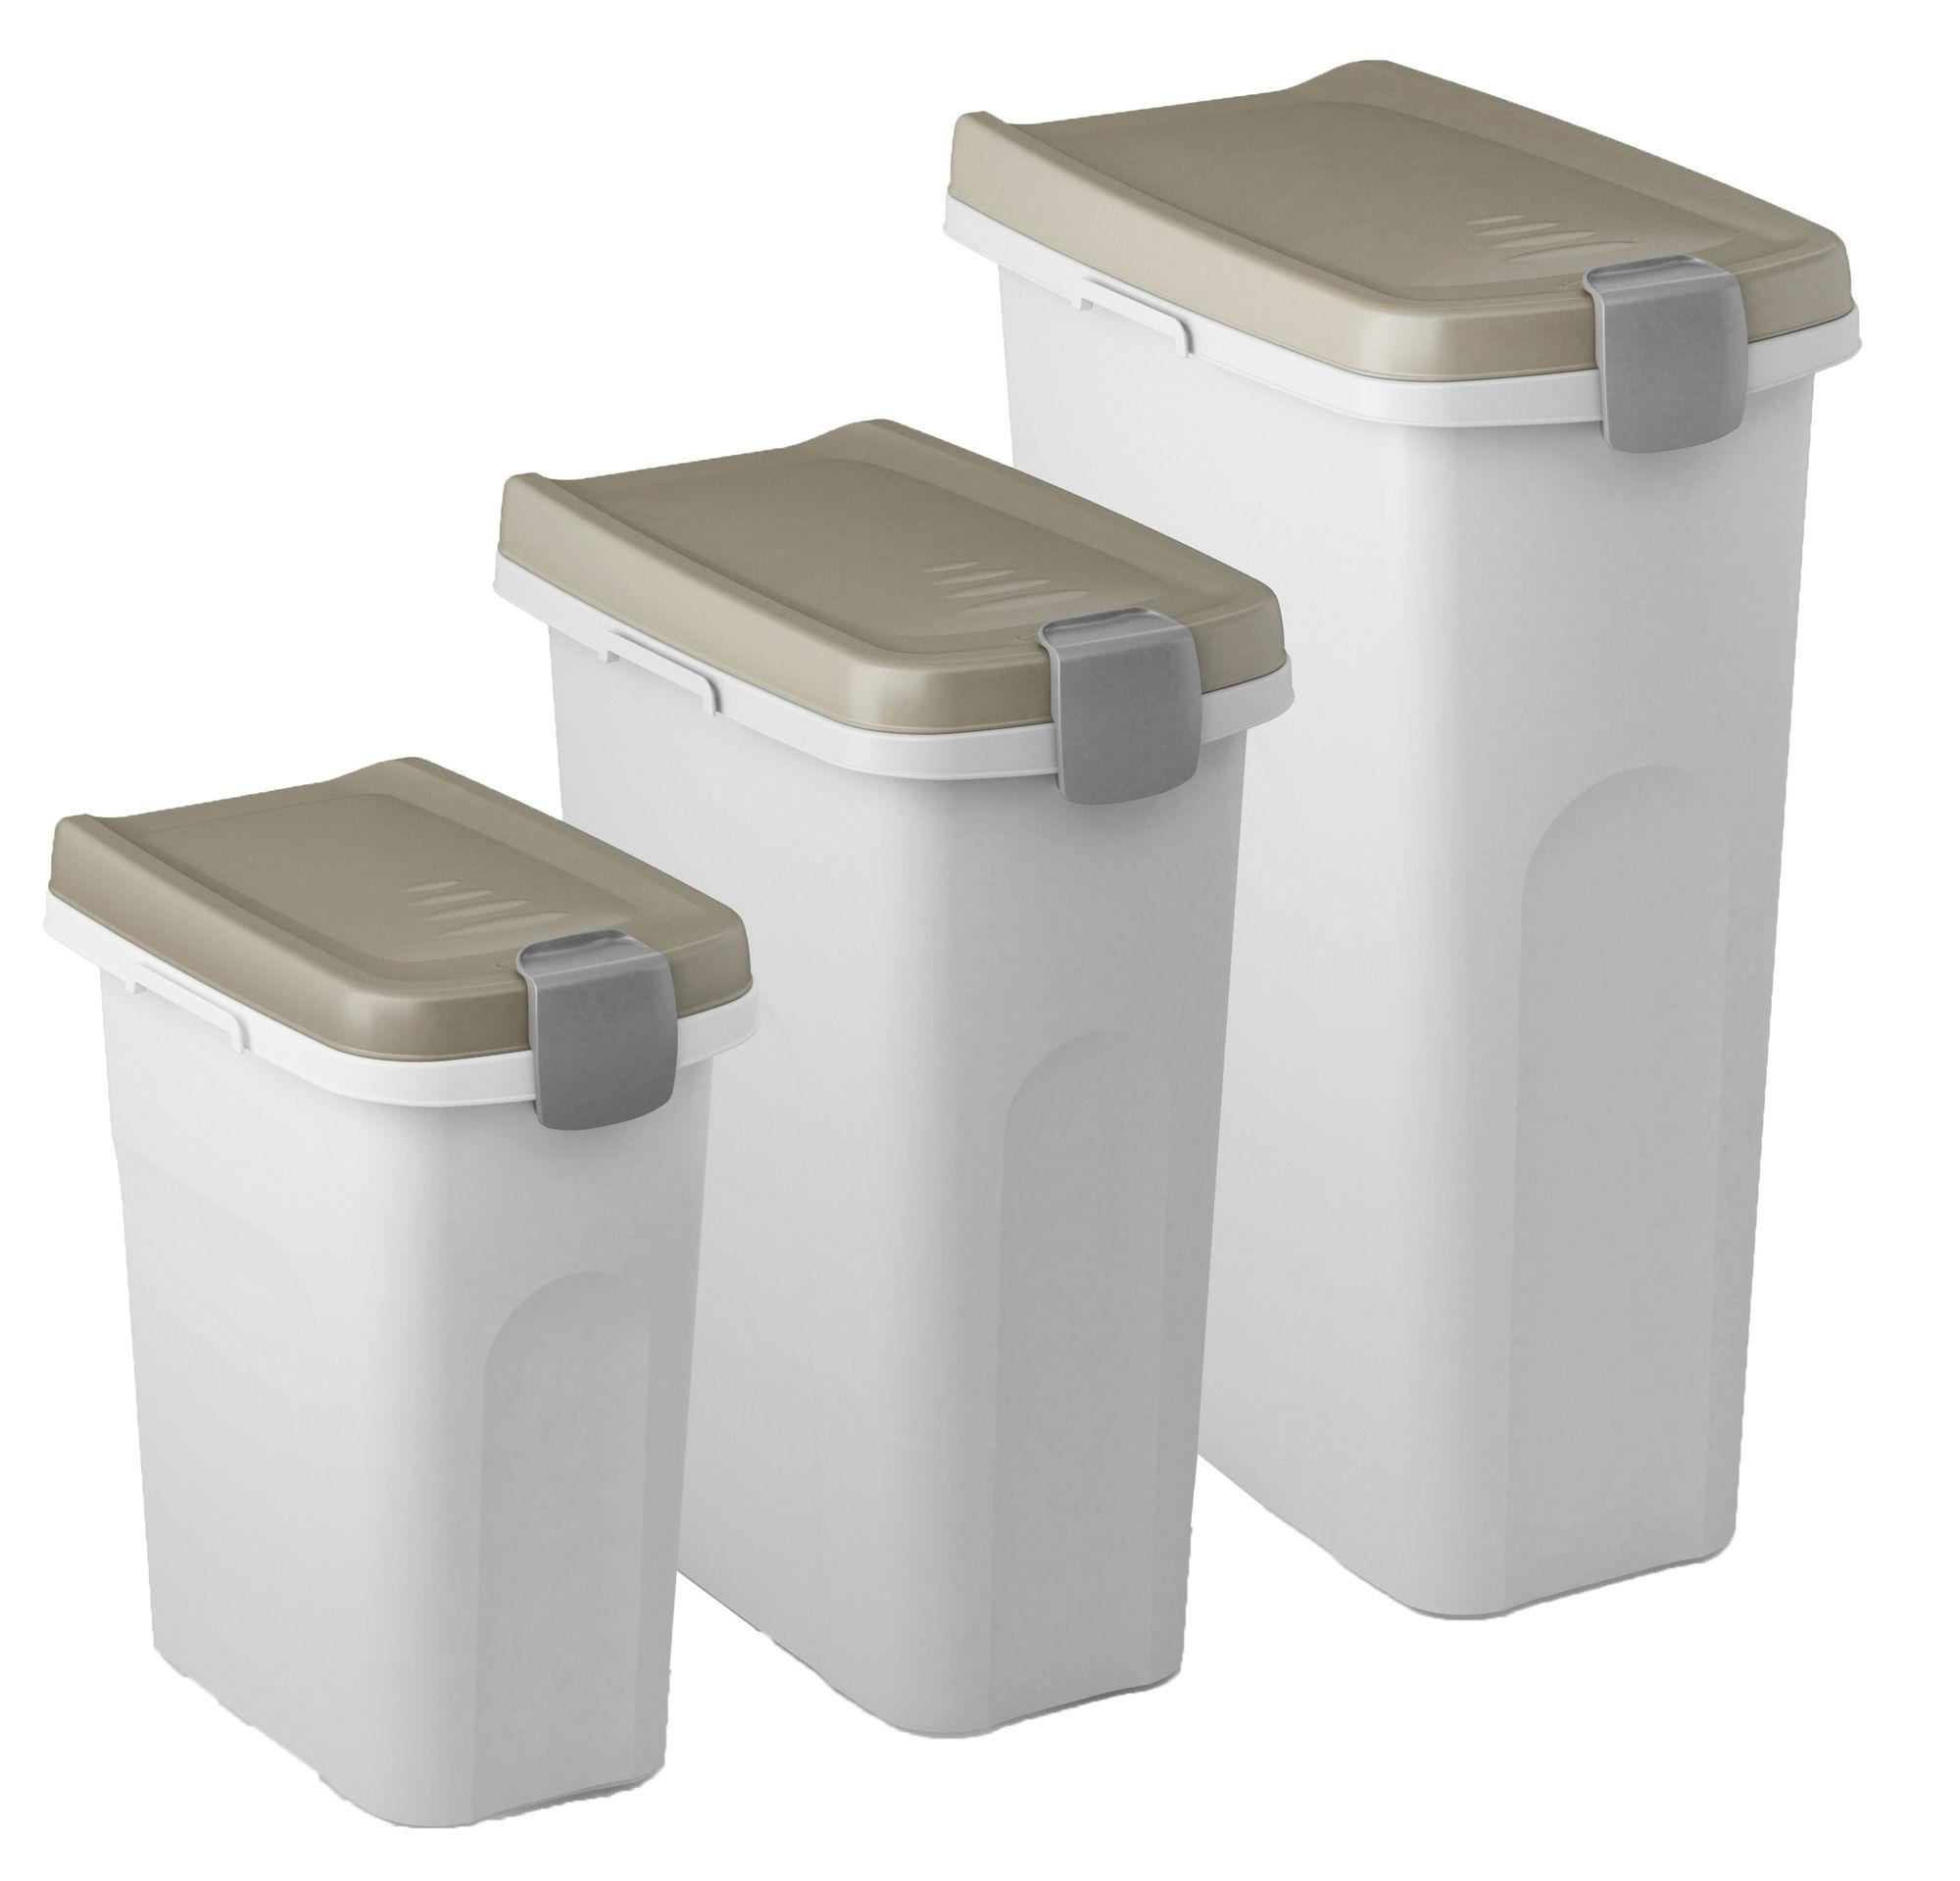 Petfood-Container 40 lt, braun/weiß